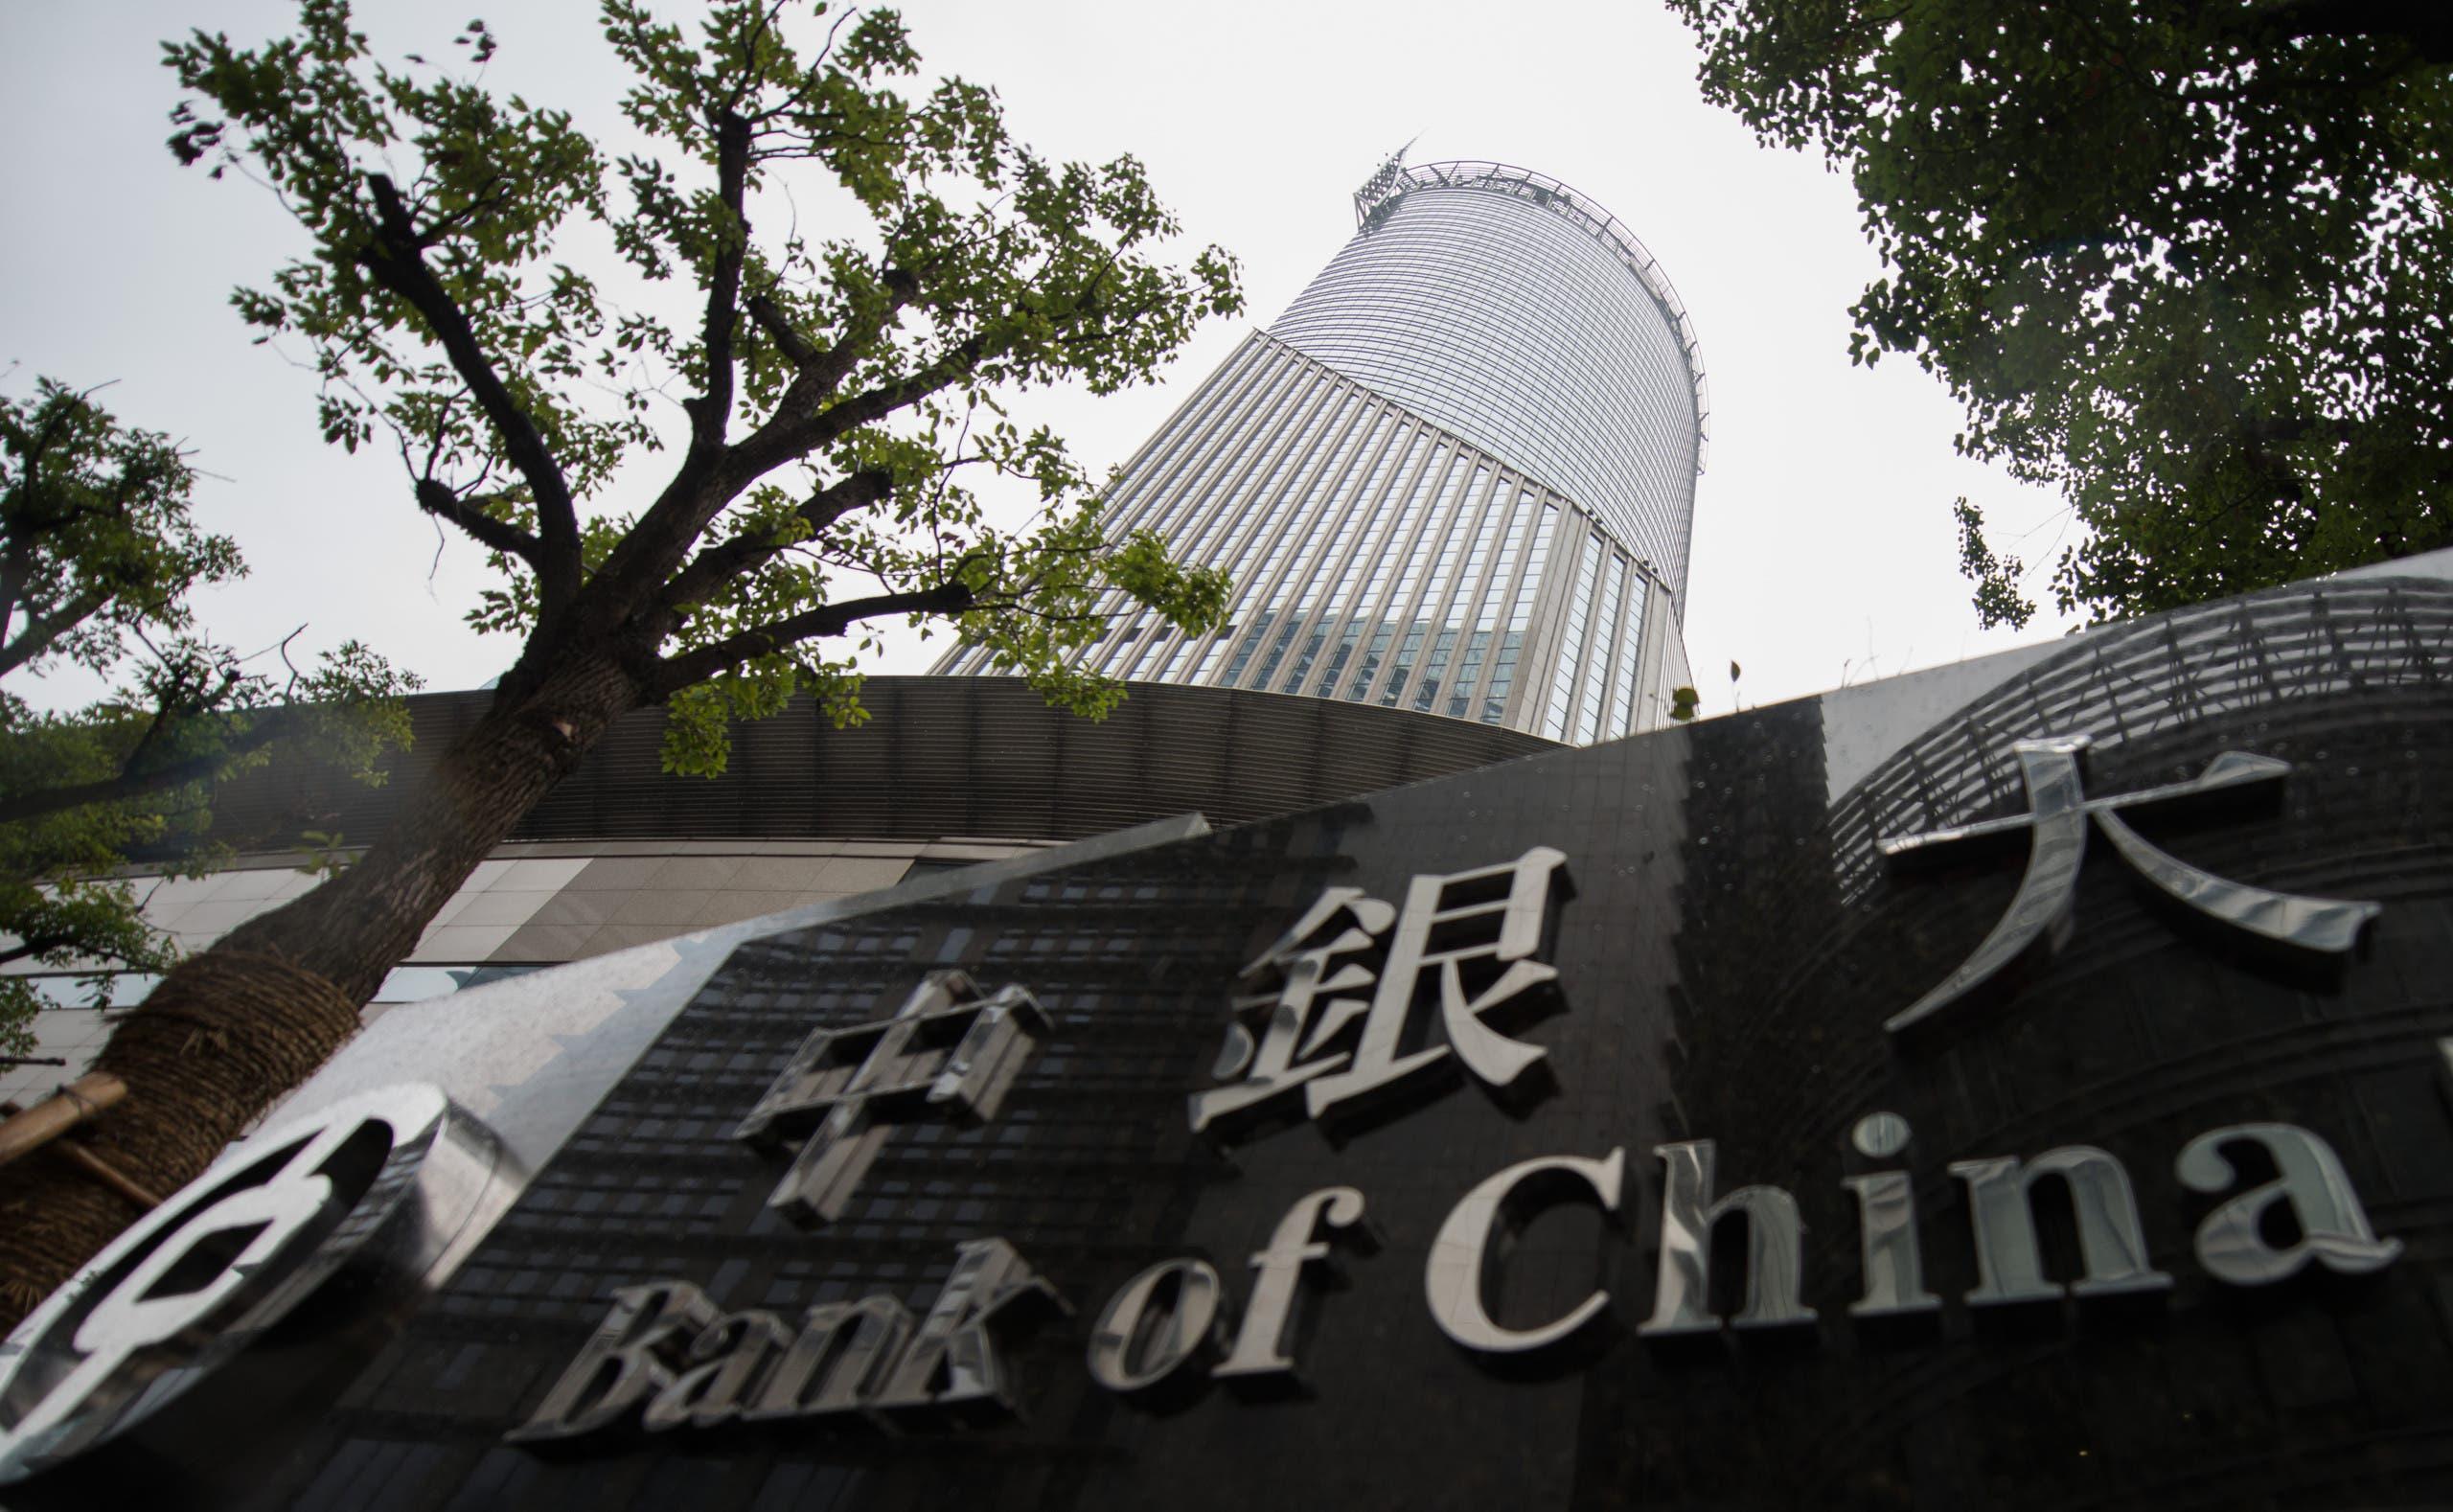 برج بنك الصين في شنغهاي في يوم غائم ماطر